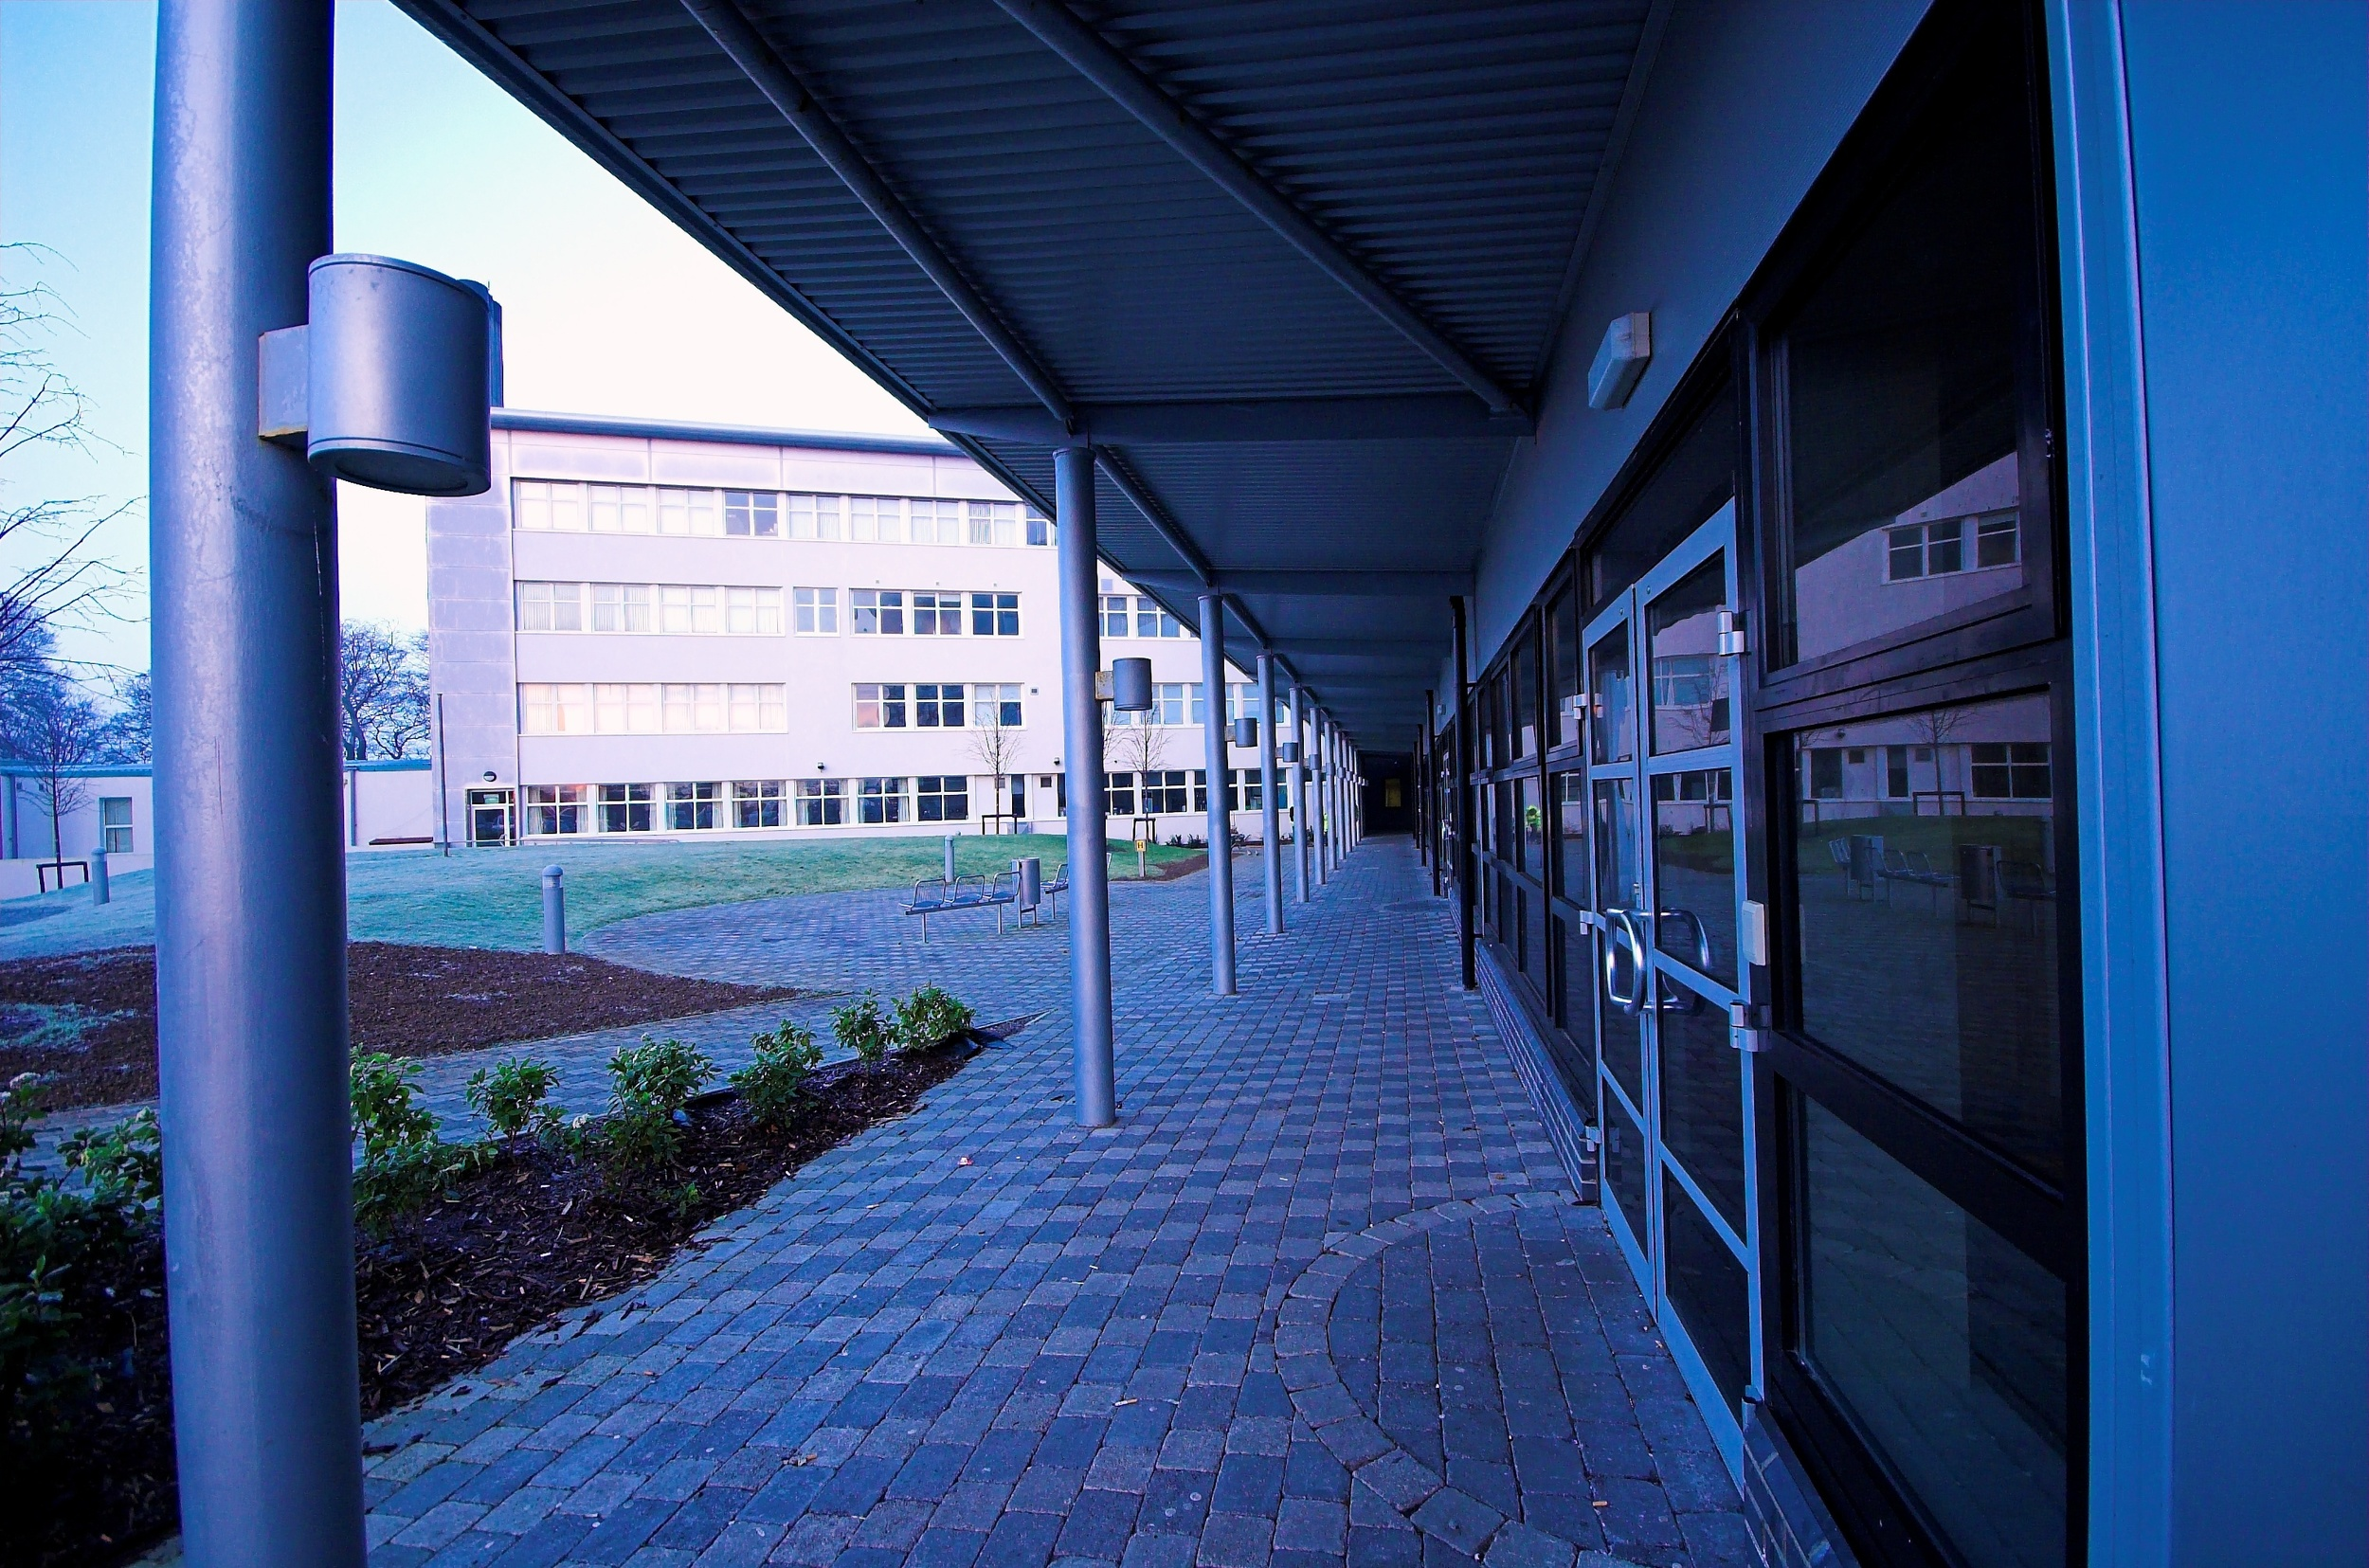 Northwest Regional College, Limavady